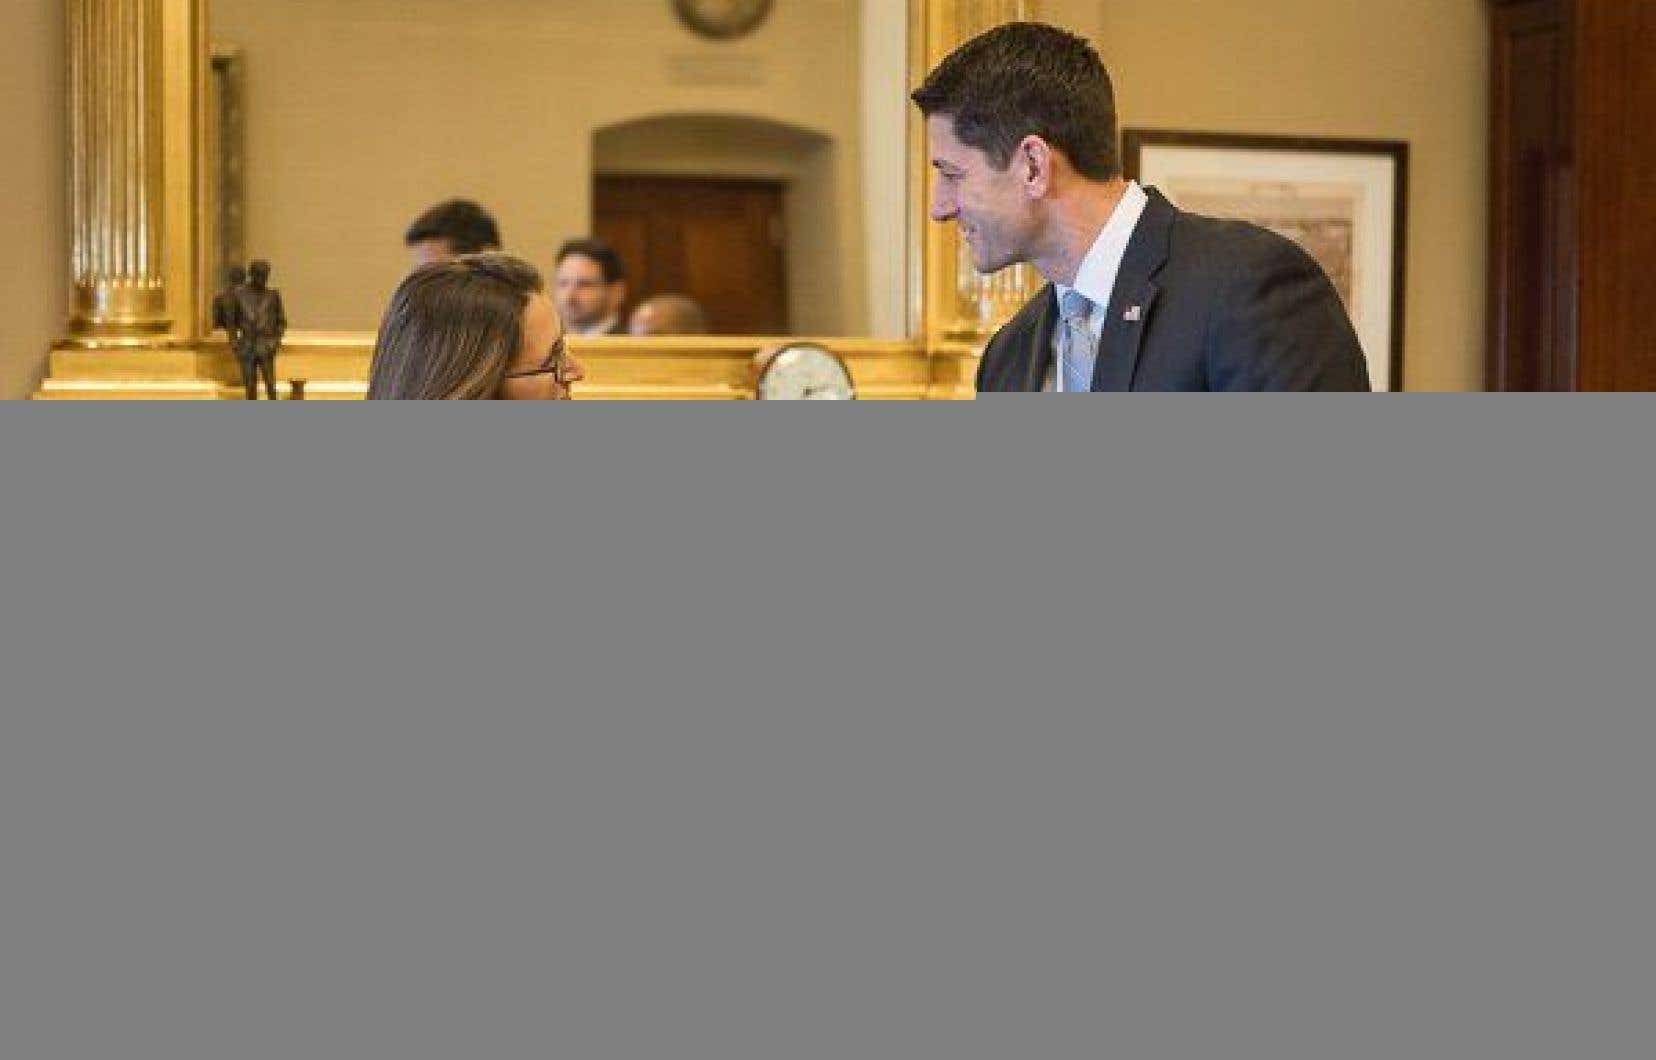 Chrystia Freeland, en compagnie du président de la Chambre des représentants, Paul Ryan